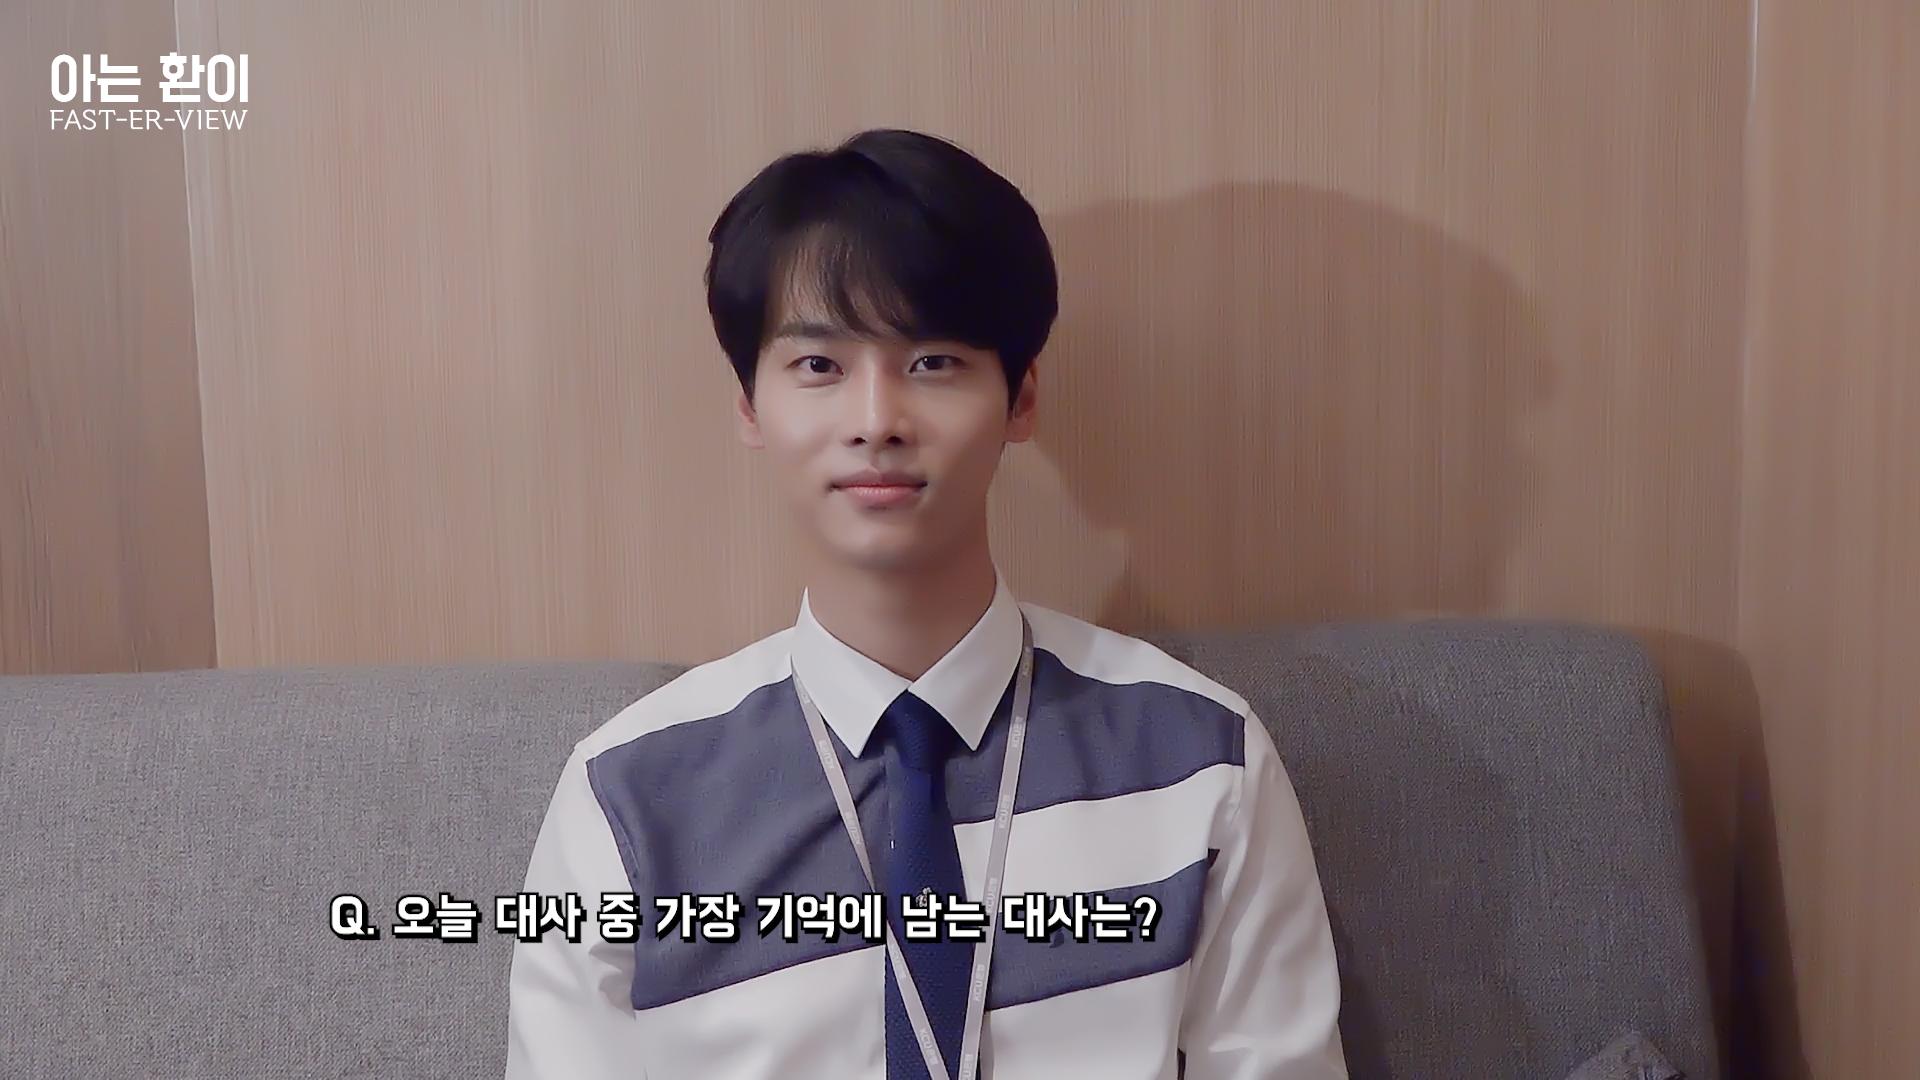 엔(N) FAST-ER-VIEW [아는 와이프 촬영 현장]